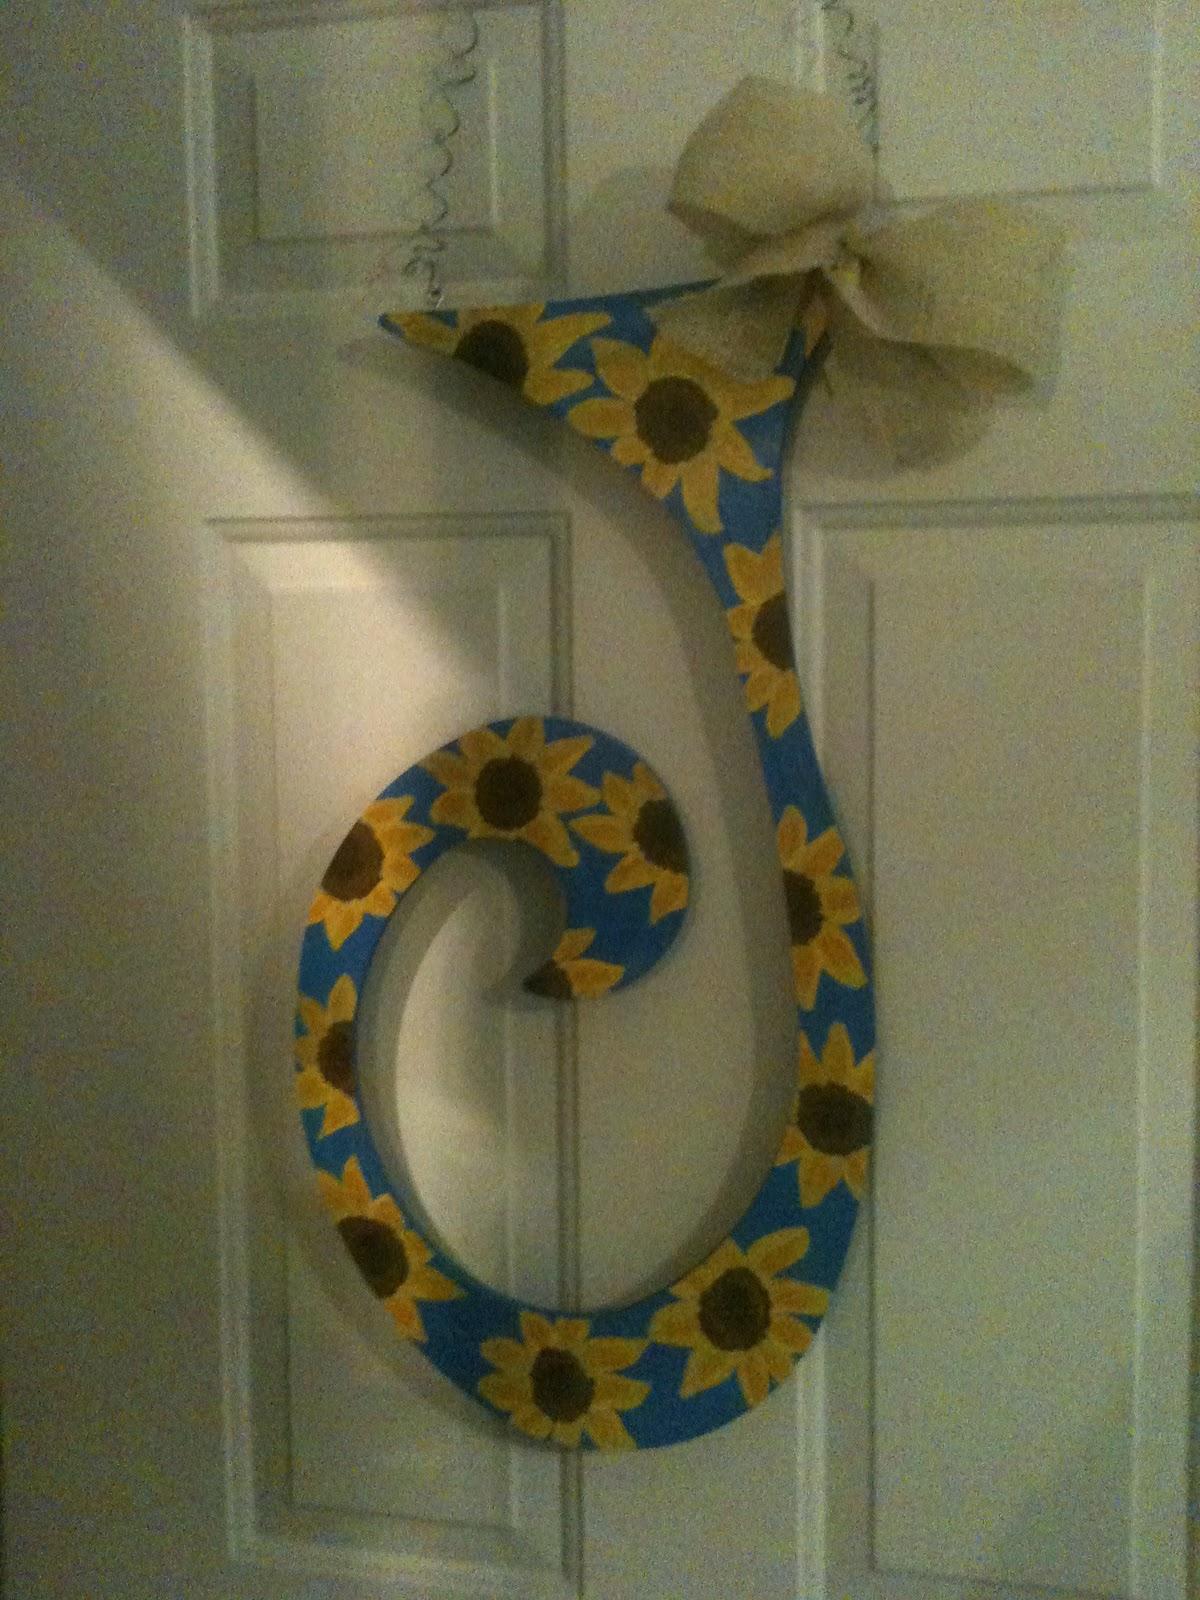 U Personalized: Hand-Painted Initial Door Hanger $25